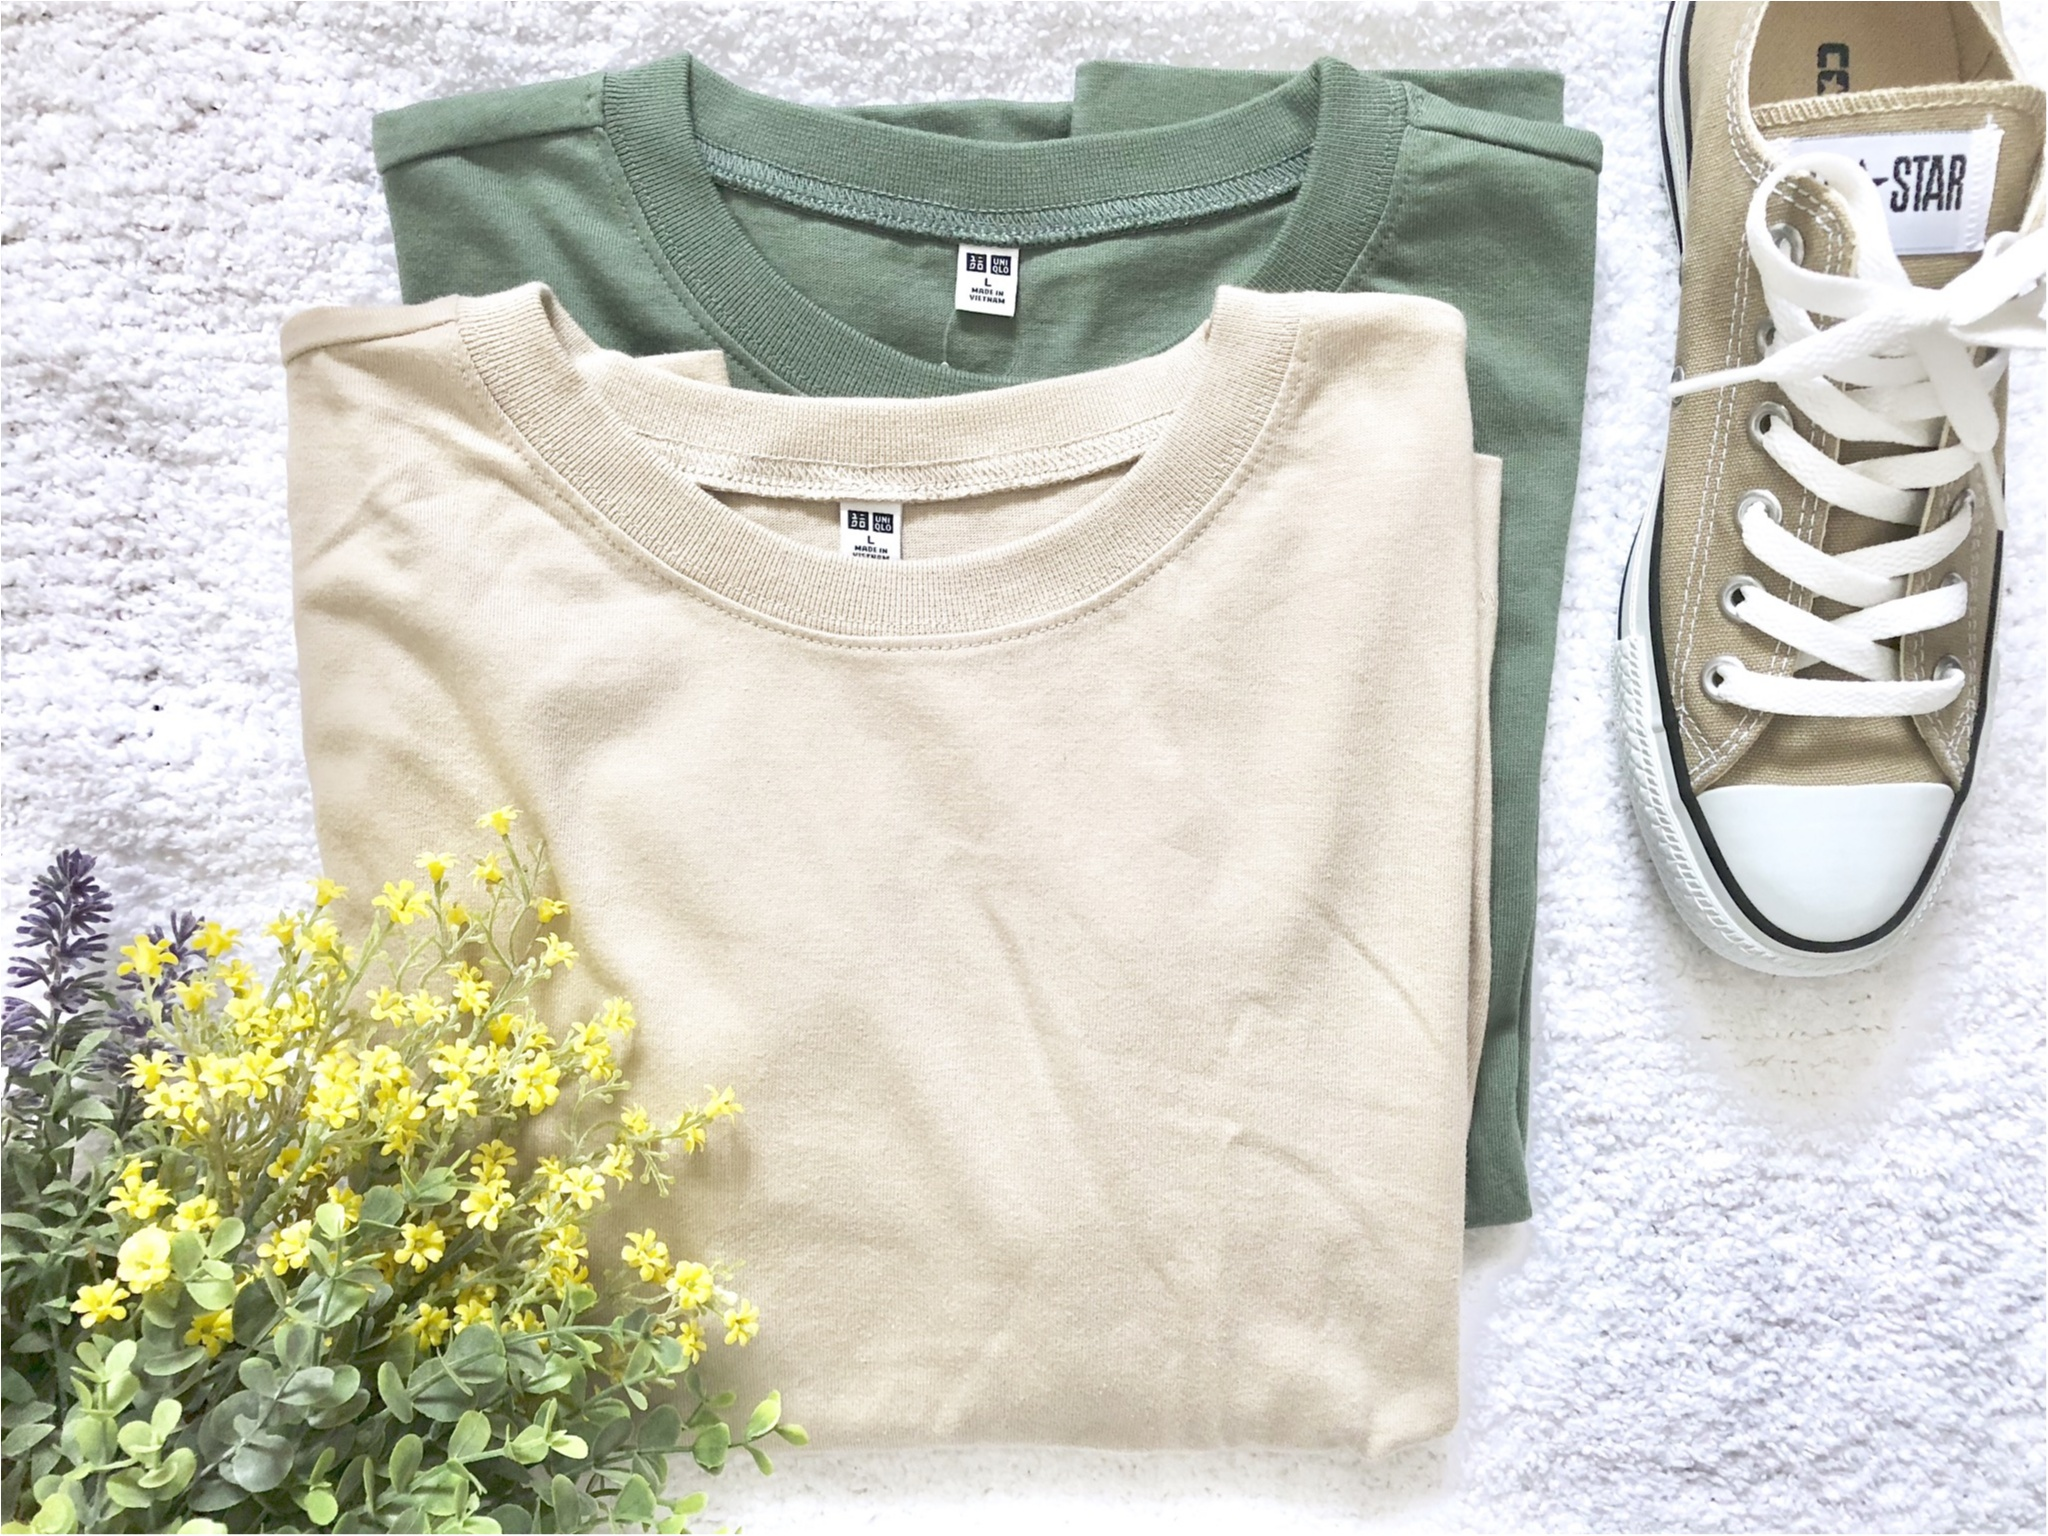 【UNIQLO】お洒落さんがこぞって買っている《話題のTシャツ》を2色買い❤️7/5までならお買い得なので急げっ!_1